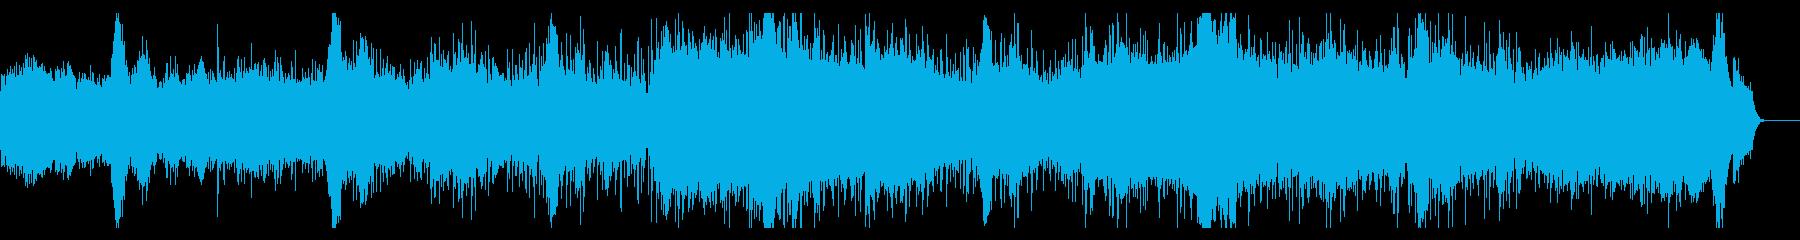 うなる陰鬱なアンビエントテクスチャの再生済みの波形